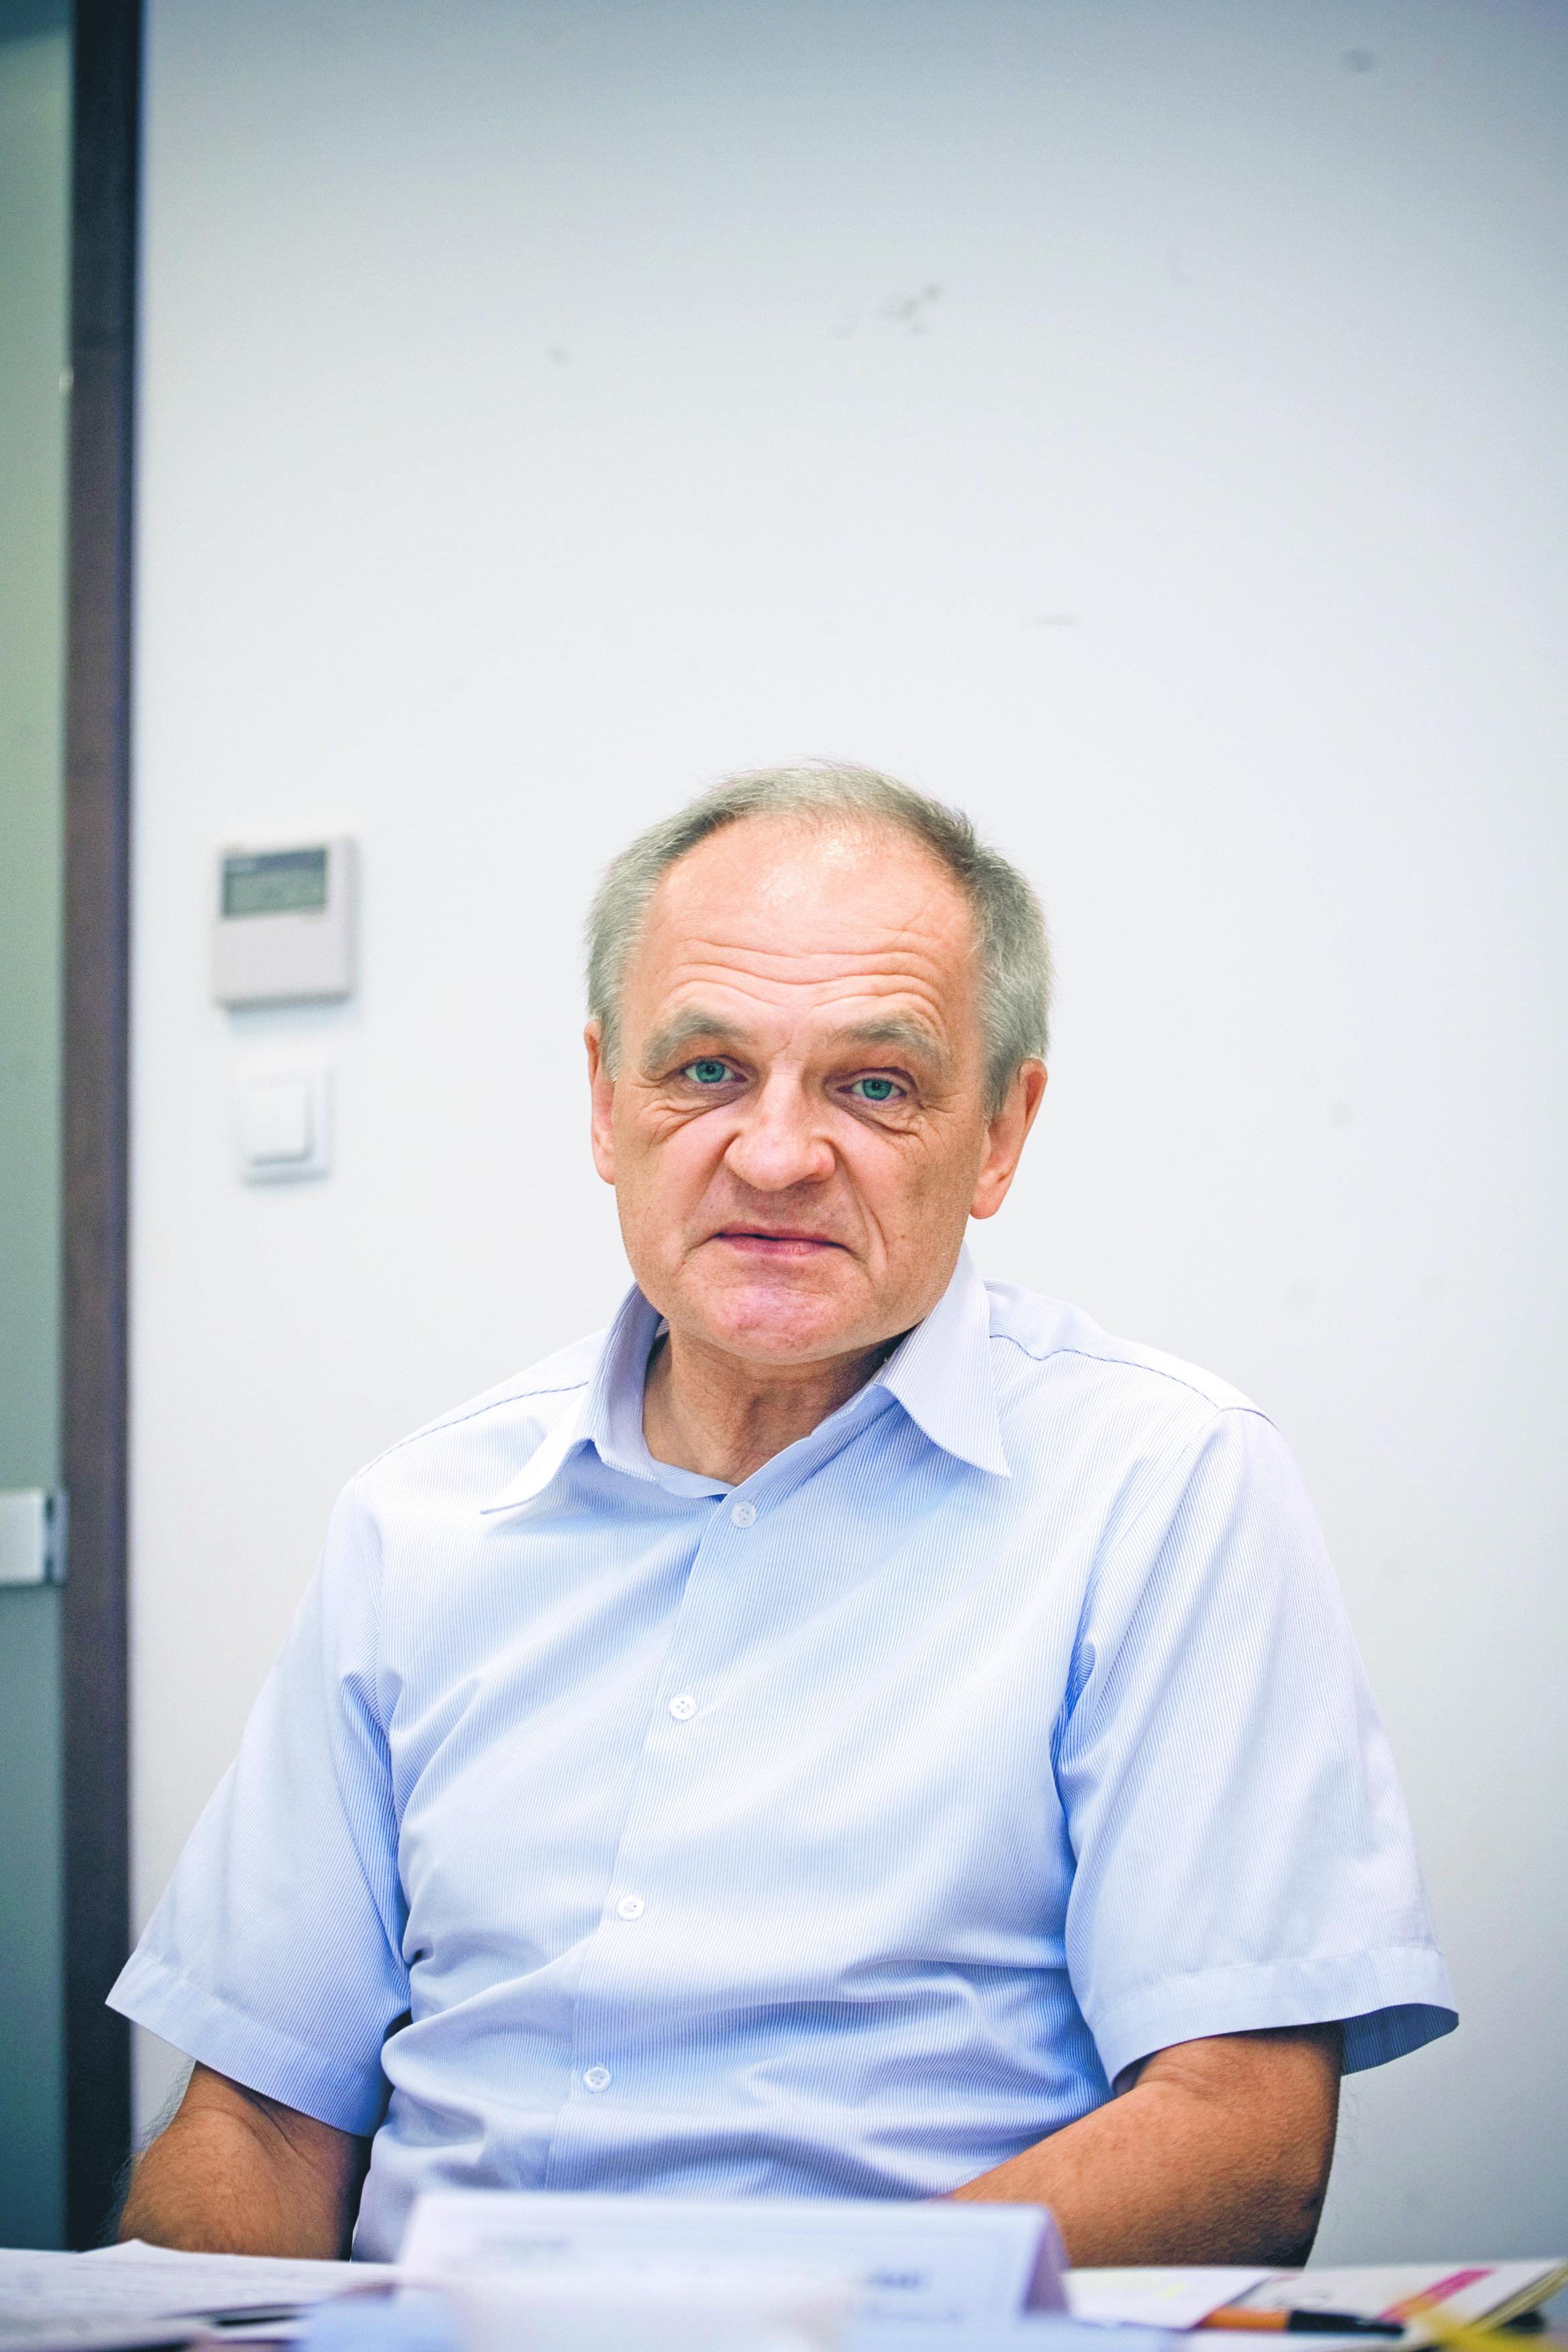 prof. Bogumił Brzeziński, kierownik Katedry Prawa Finansów Publicznych Uniwersytetu Mikołaja Kopernika w Toruniu i Zakładu Prawa Finansowego Uniwersytetu Jagiellońskiego